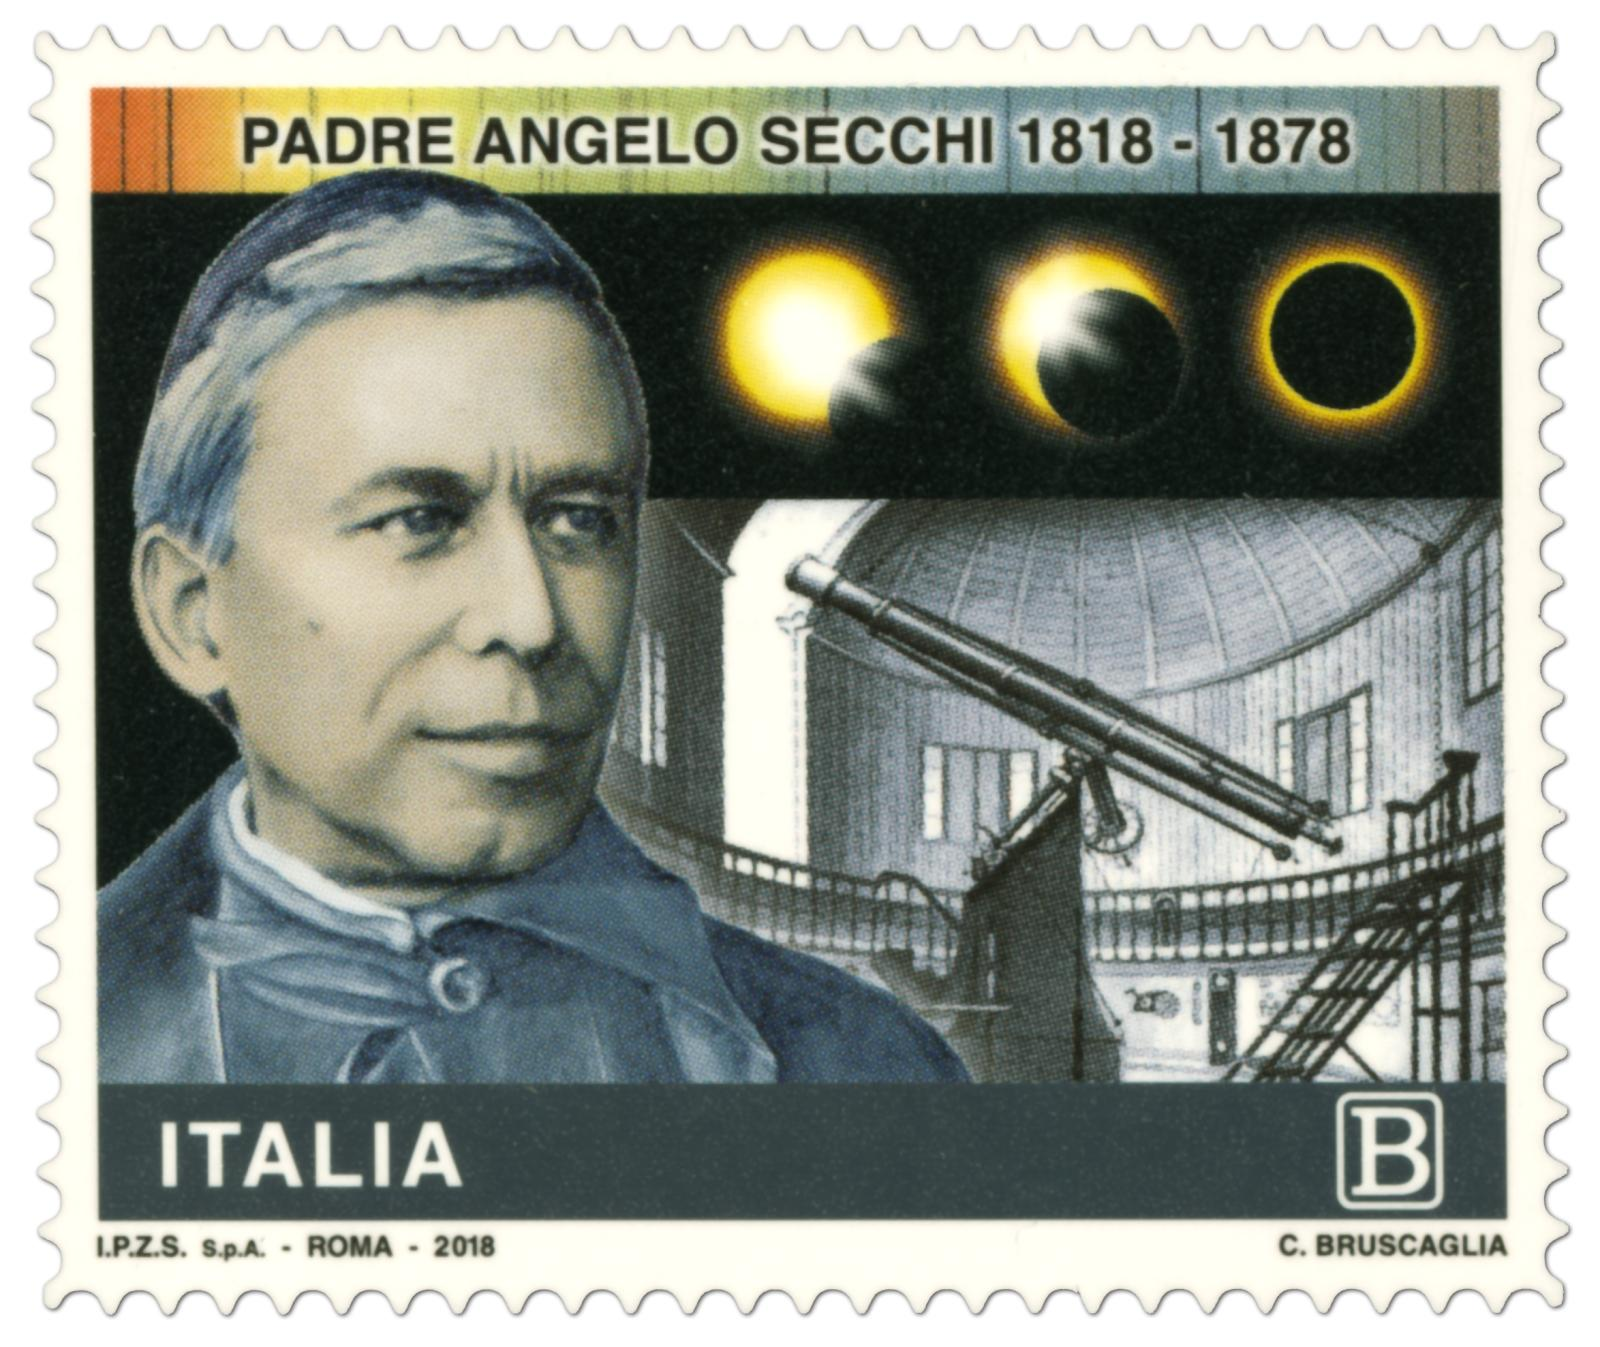 Francobollo commemorativo dedicato ad Angelo Secchi